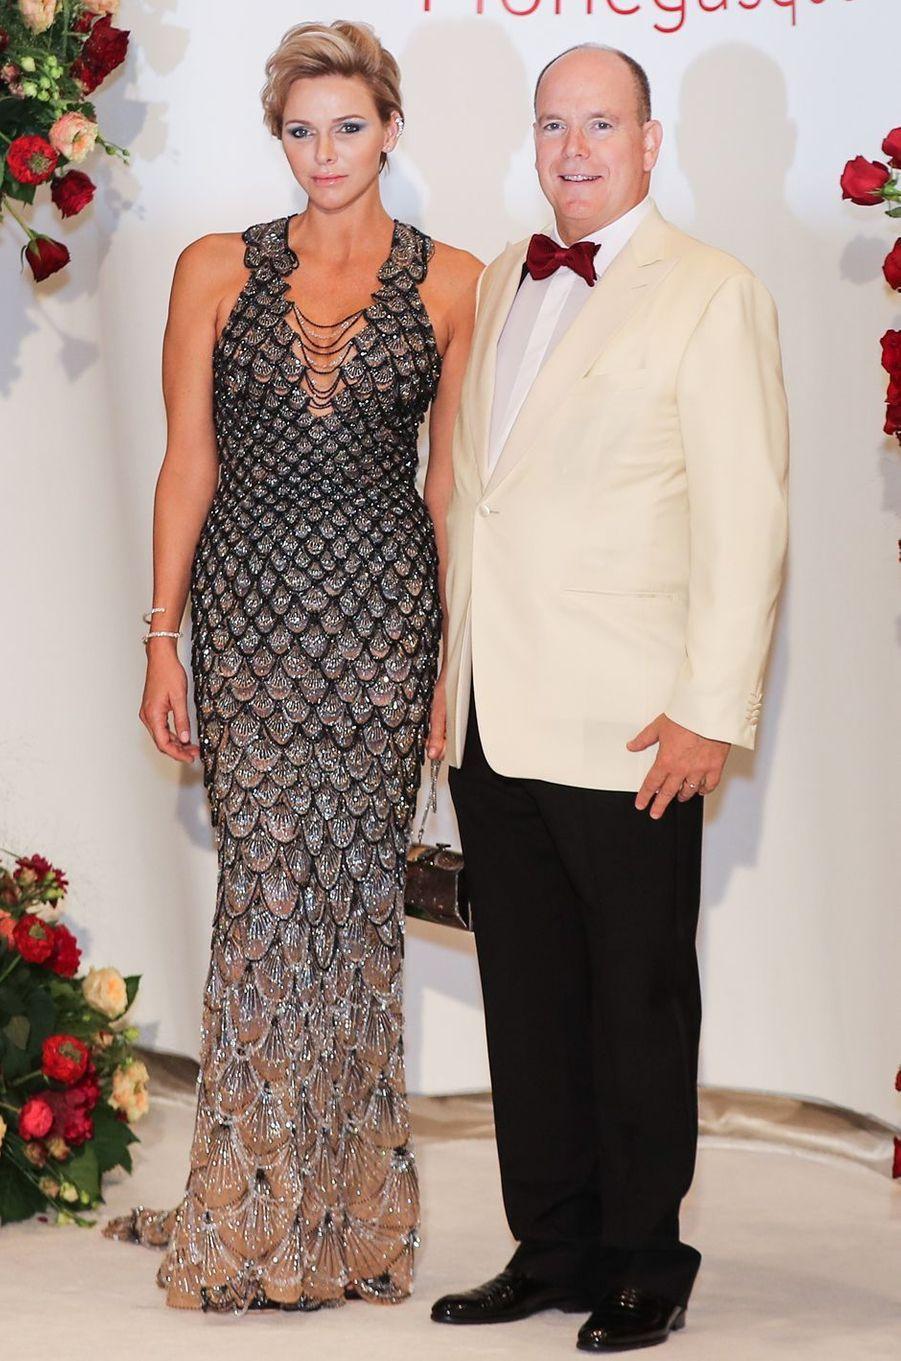 La princesse Charlène de Monaco dans une robe Atelier Versace, le 27 juillet 2018